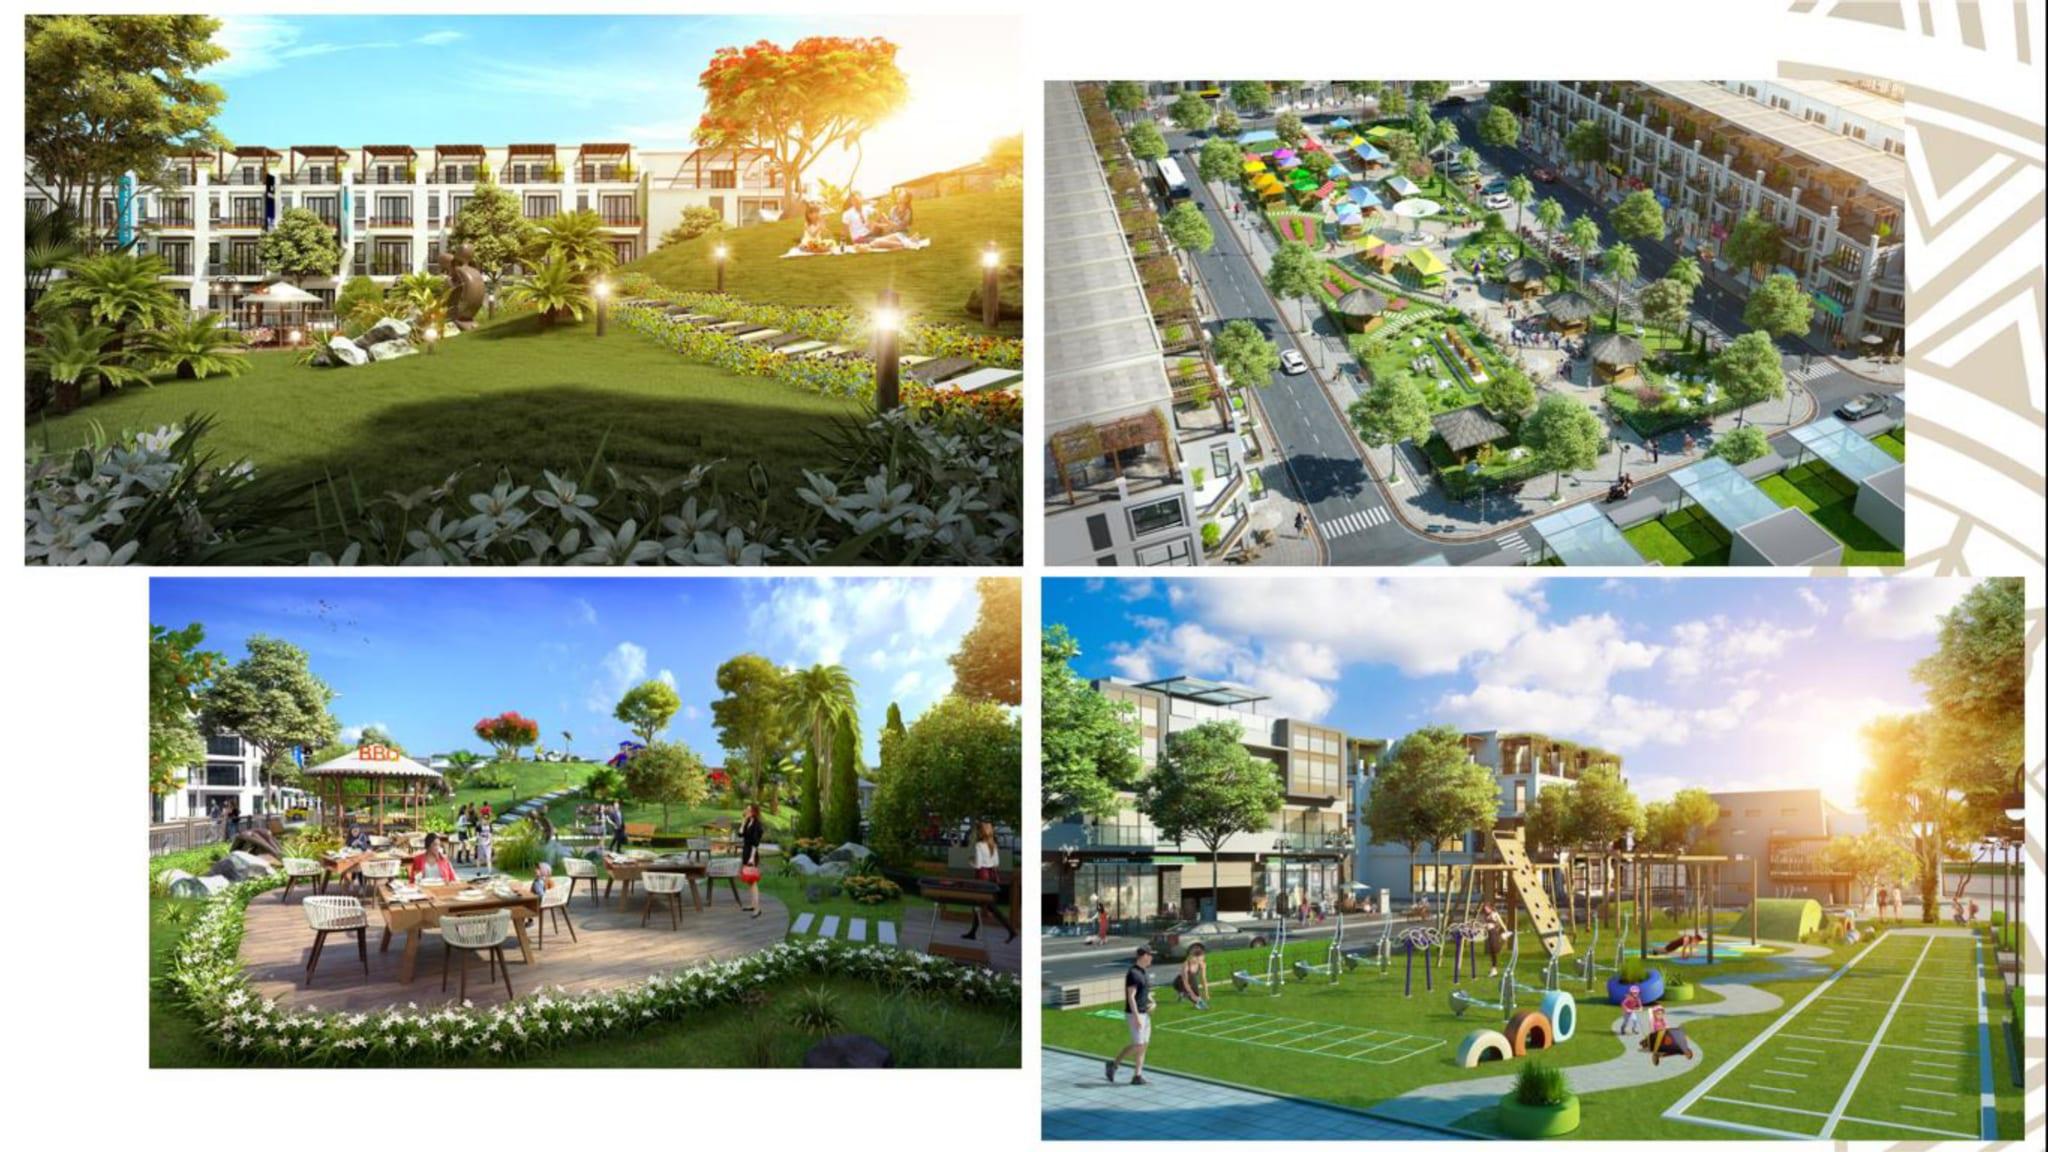 Quảng trường lớn, công viên cây xanh, phố đi bộ,